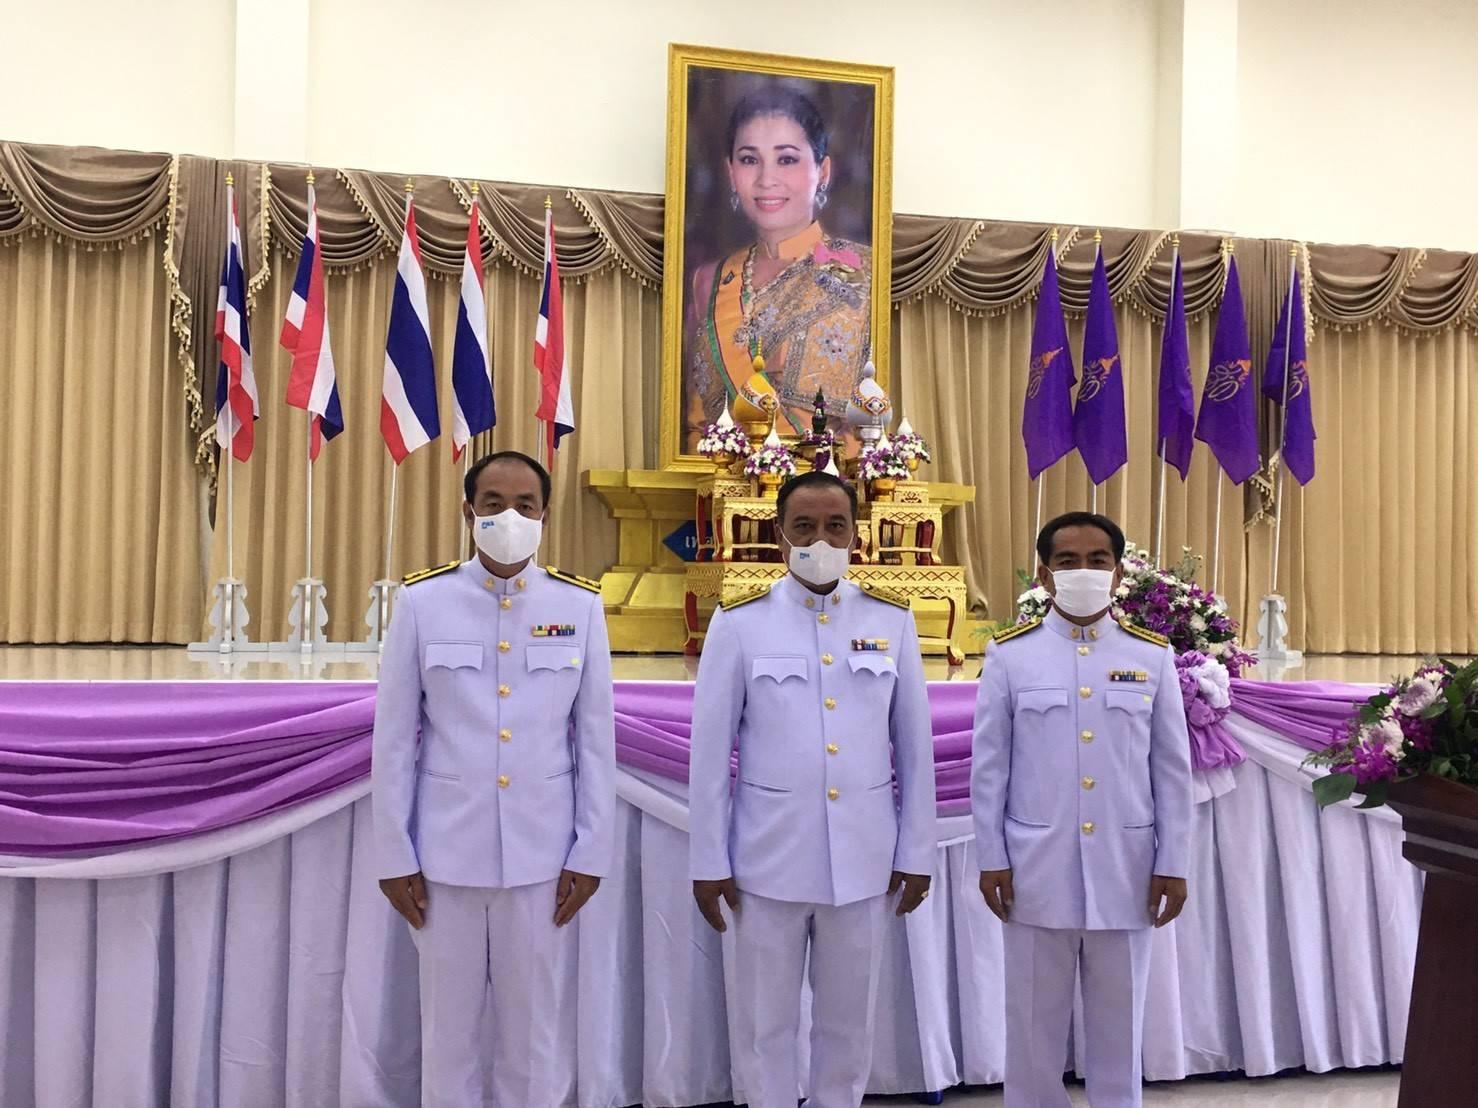 กปภ.สาขาพระพุทธบาท ร่วมพิธีลงนามถวายพระพรชัยมงคล สมเด็จพระนางเจ้าฯ พระบรมราชินี เนื่องในโอกาสวันเฉลิมพระชนมพรรษา